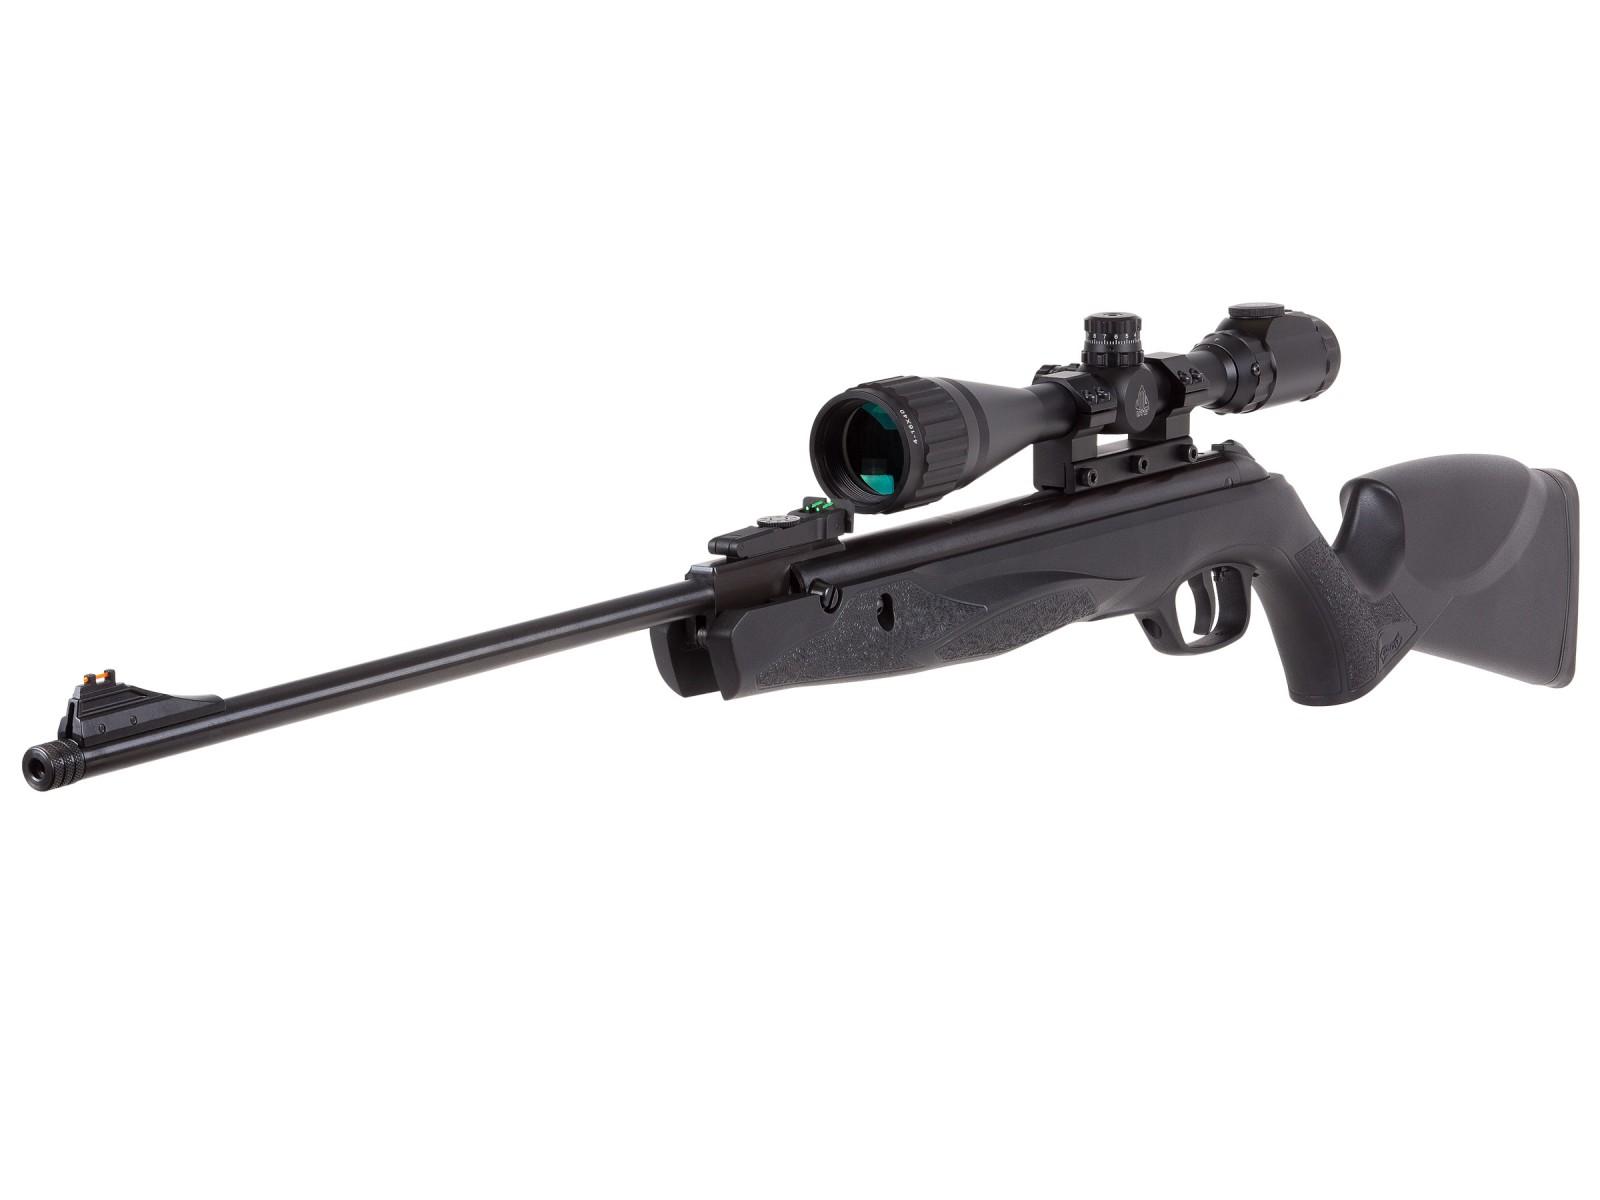 Cheap Walther Terrus Air Rifle Kit, Black 0.177